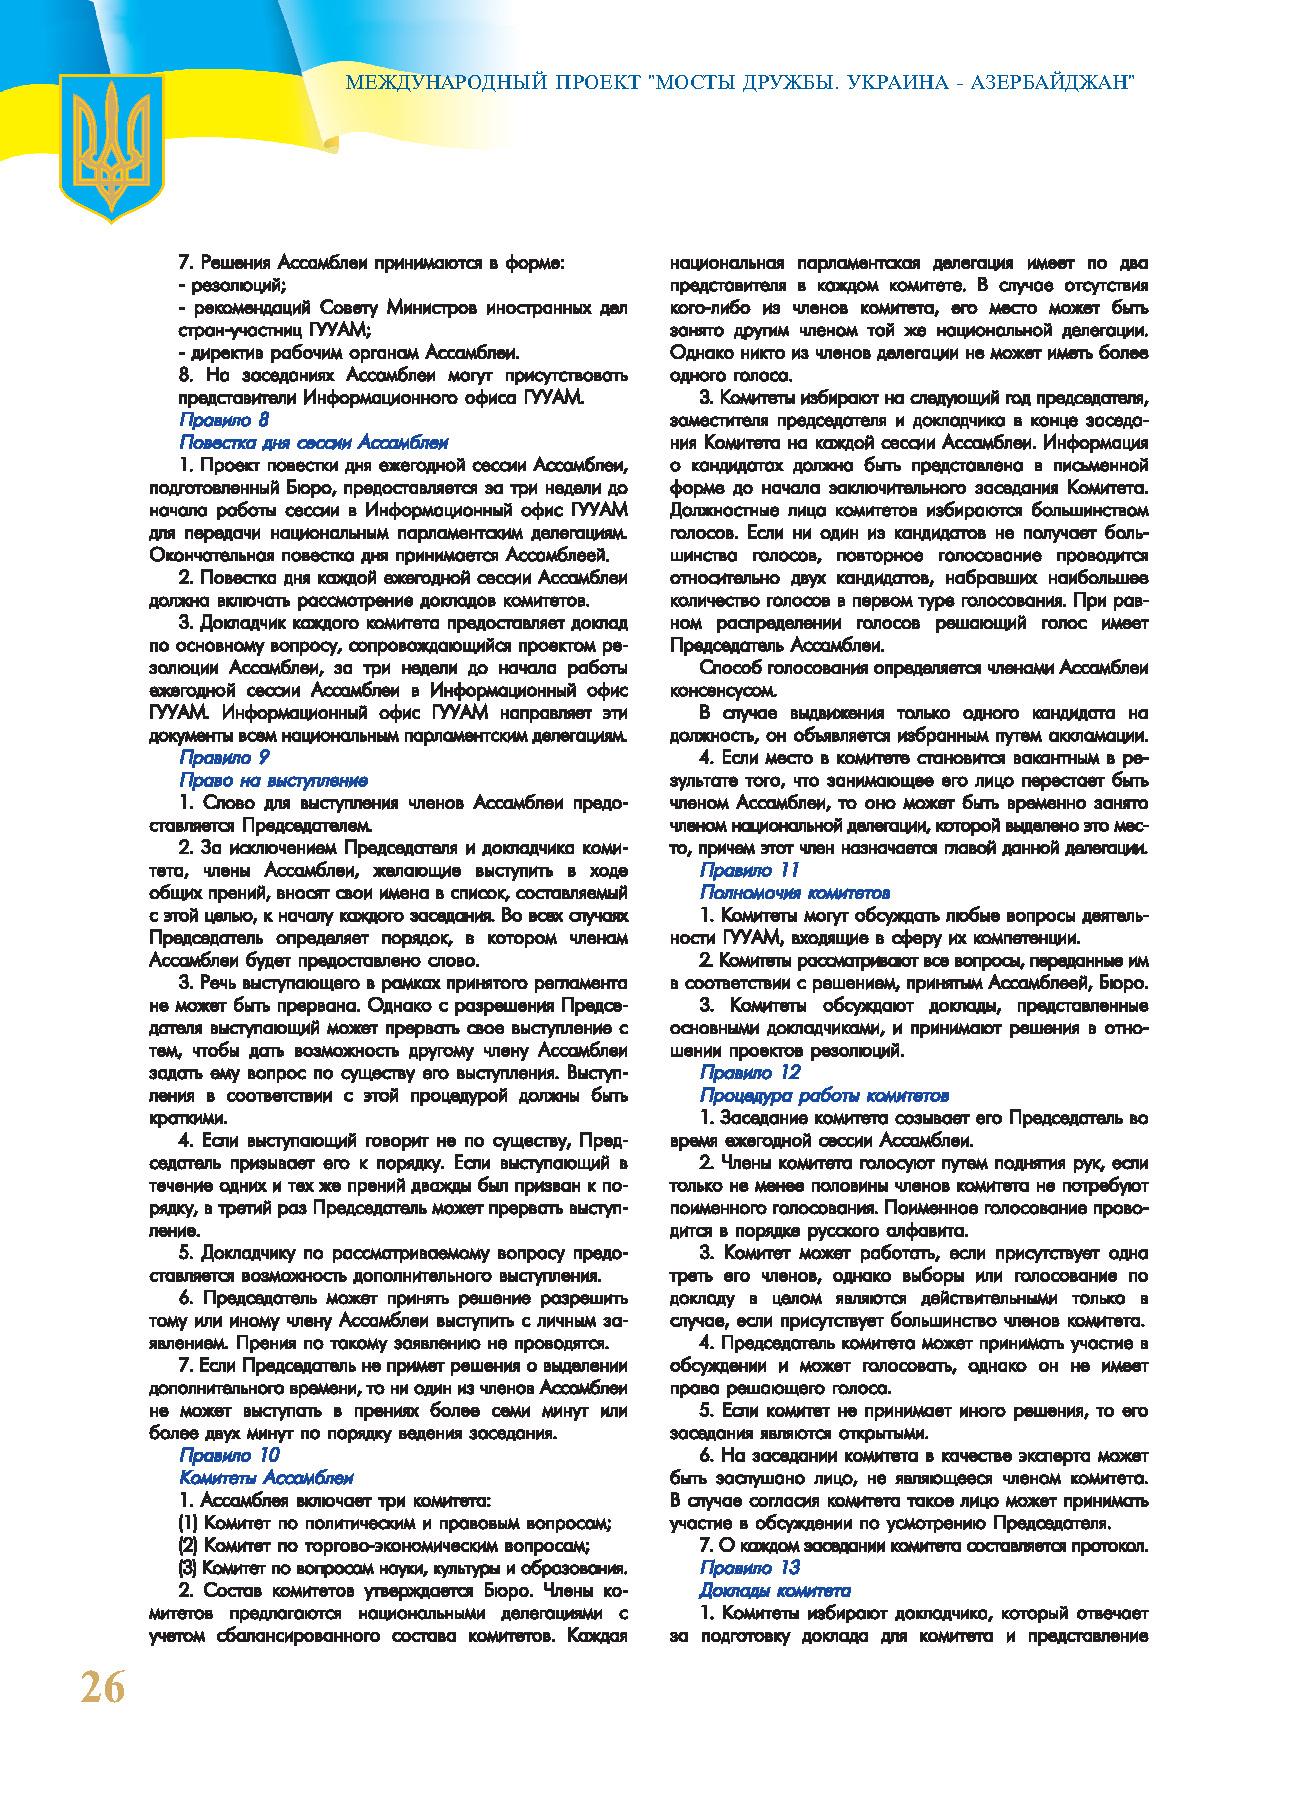 Парламентское сотрудничество между Украиной и Азербайджанской Республикой